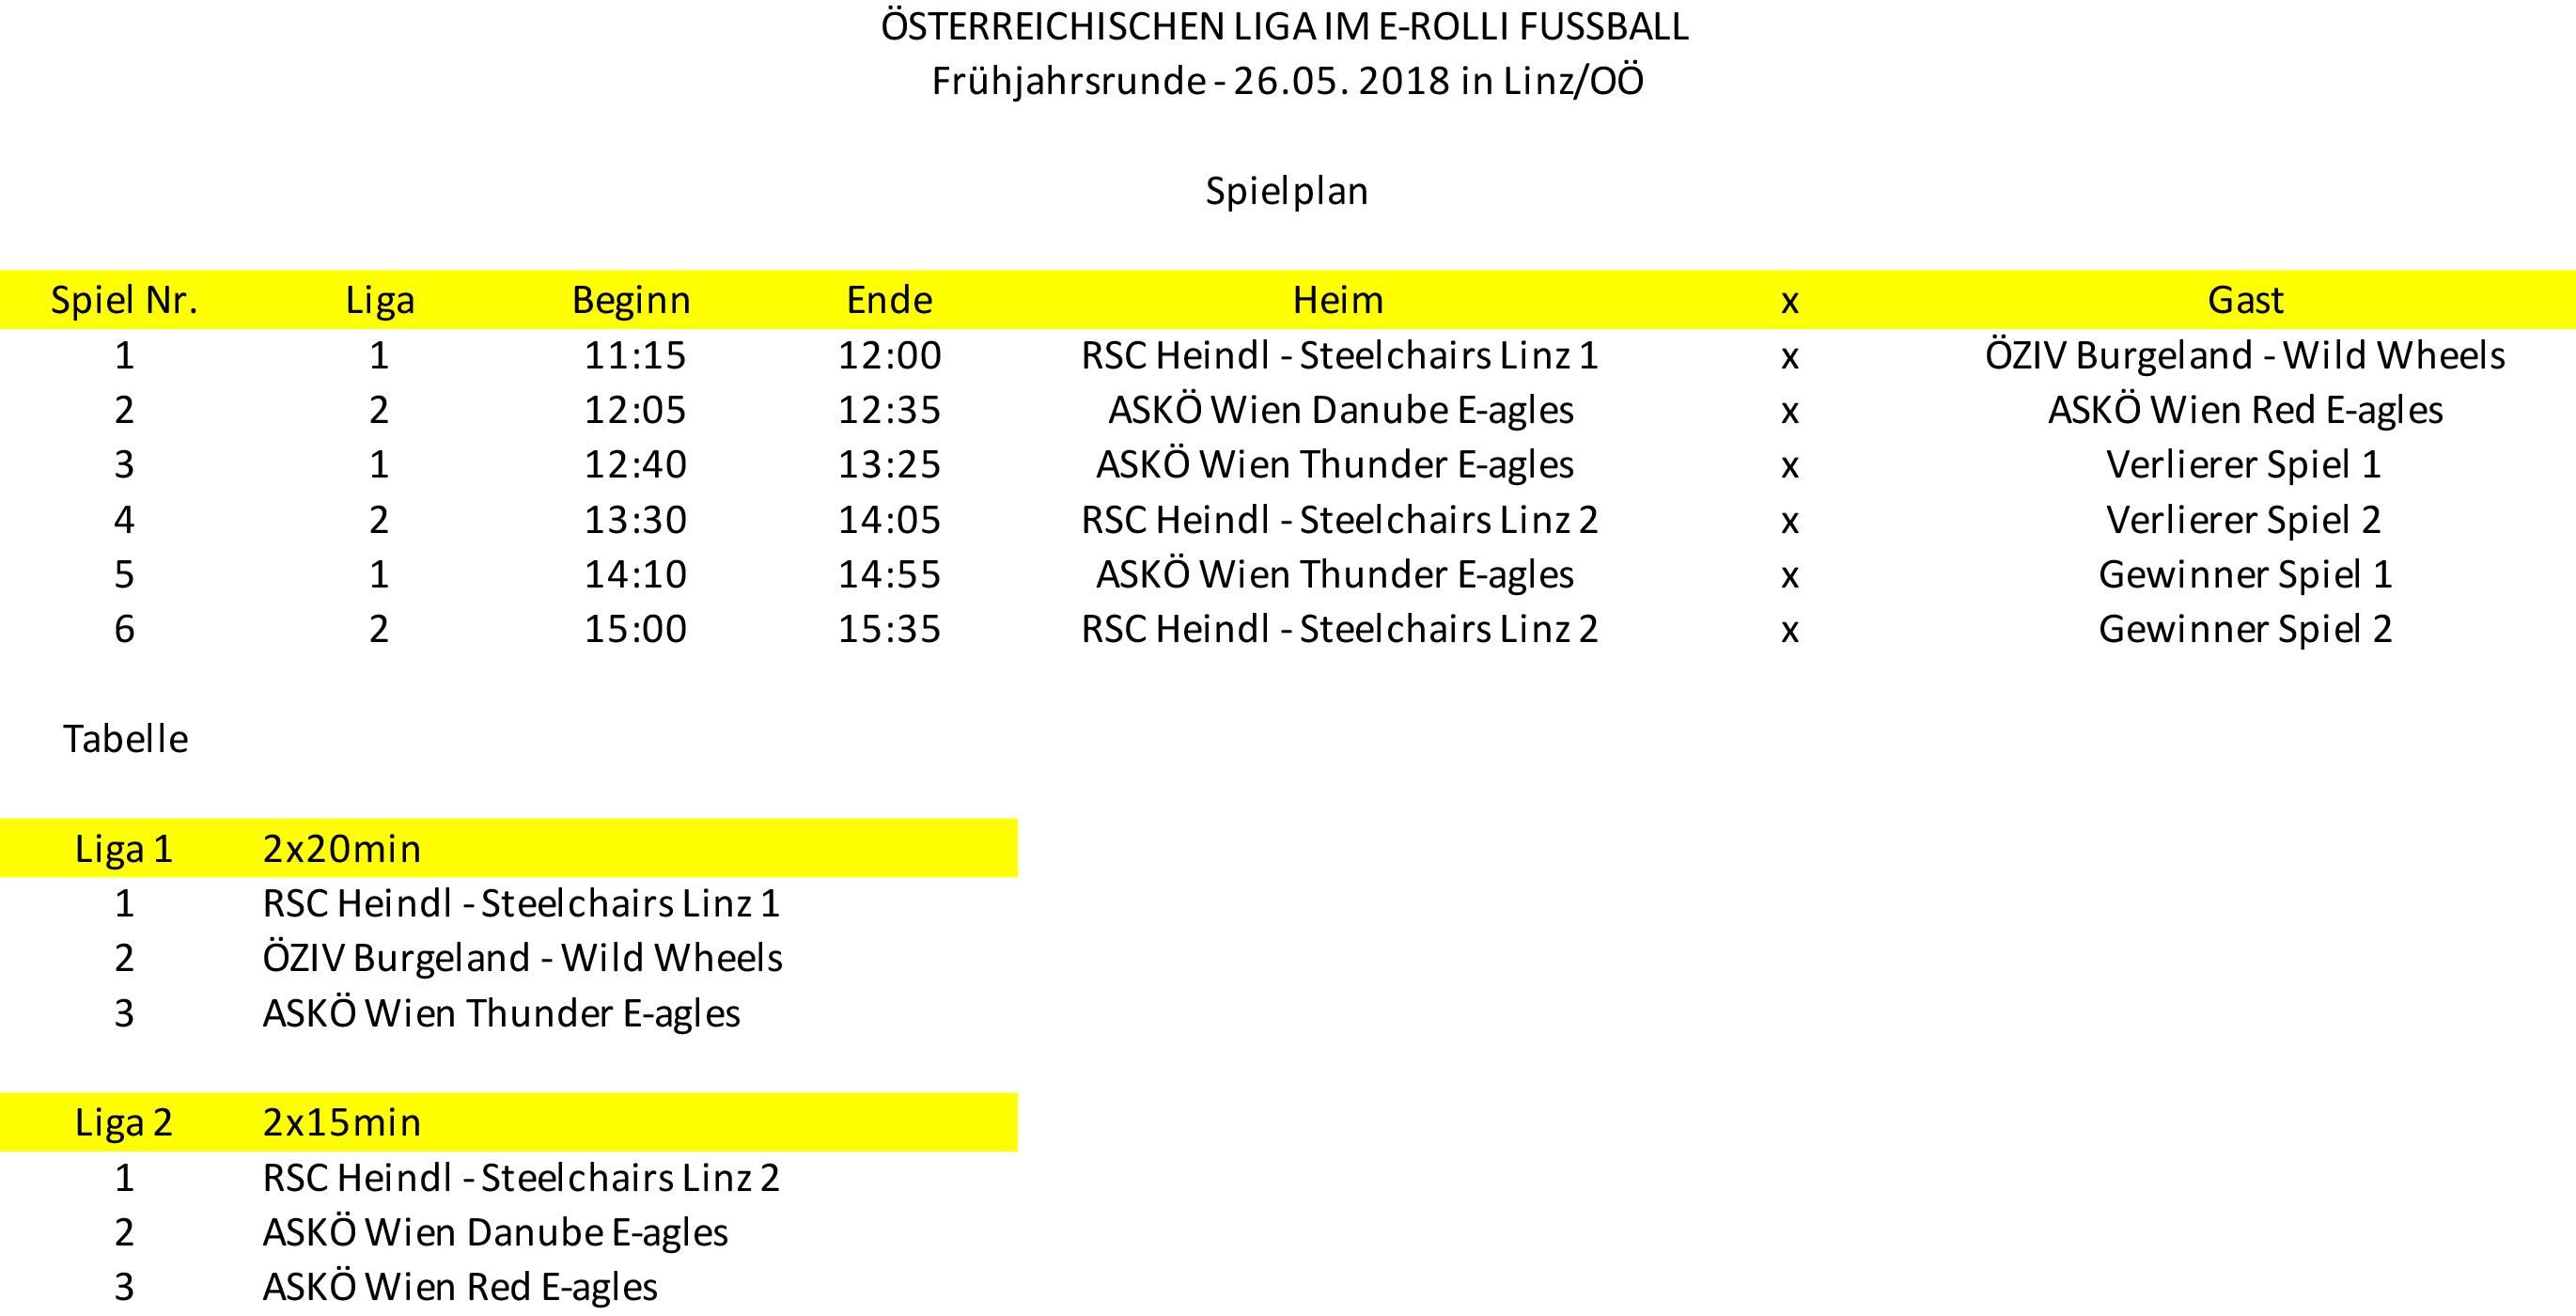 Spielplan - Liga 2018 - 1. Spieltag am 26. Mai in Linz